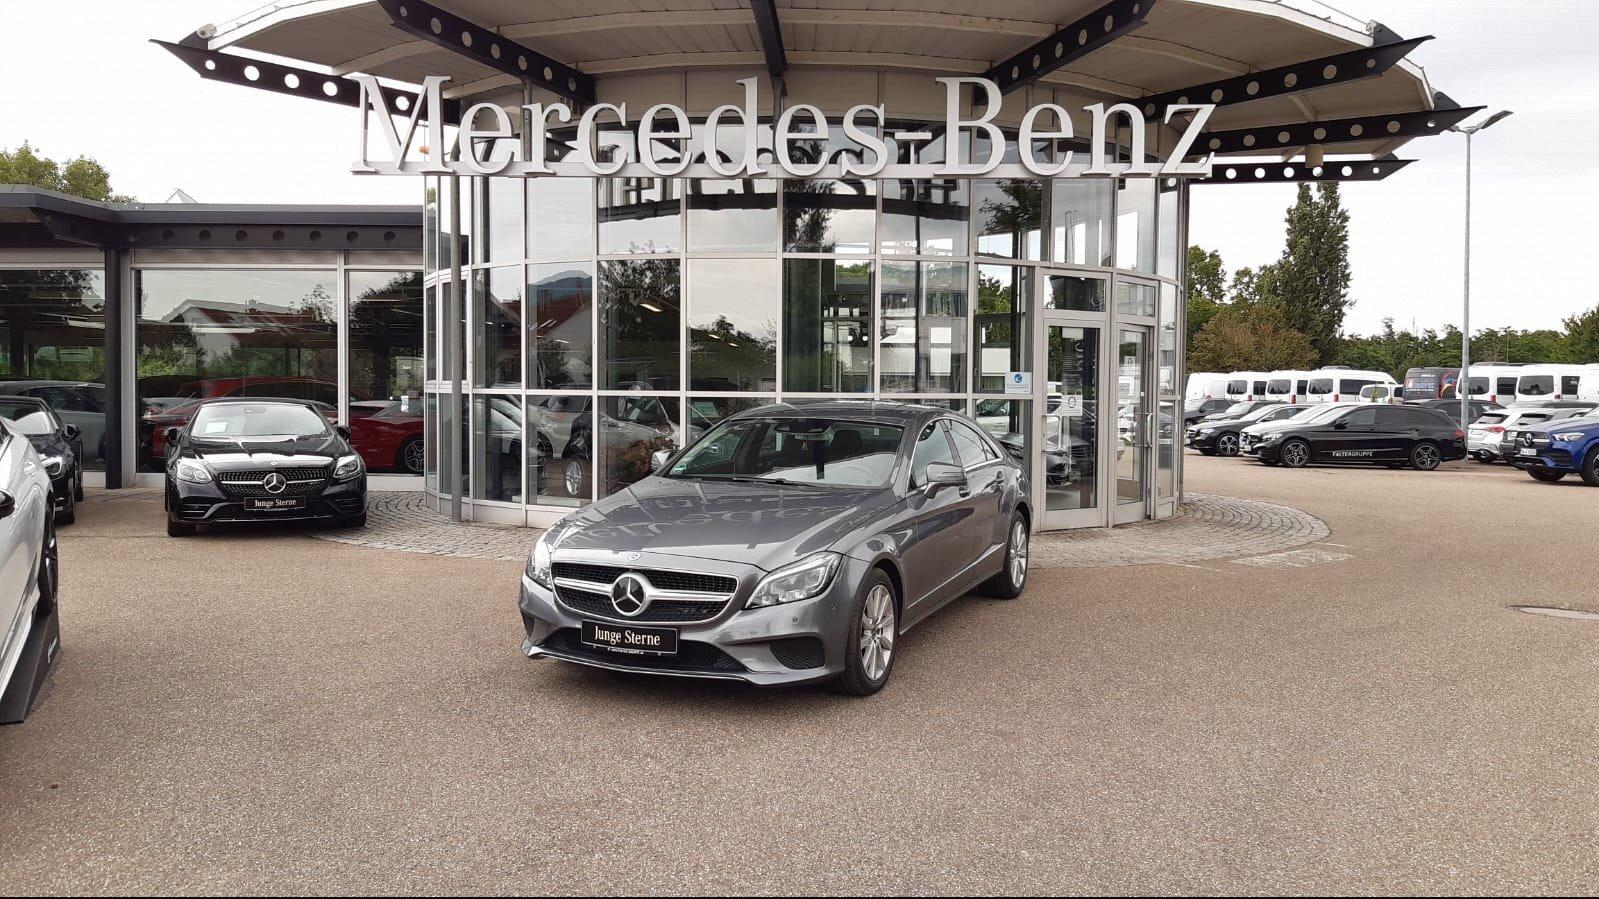 Mercedes-Benz CLS 350d DISTRO Comand MLED Multisitze 360°KeyGo, Jahr 2016, Diesel